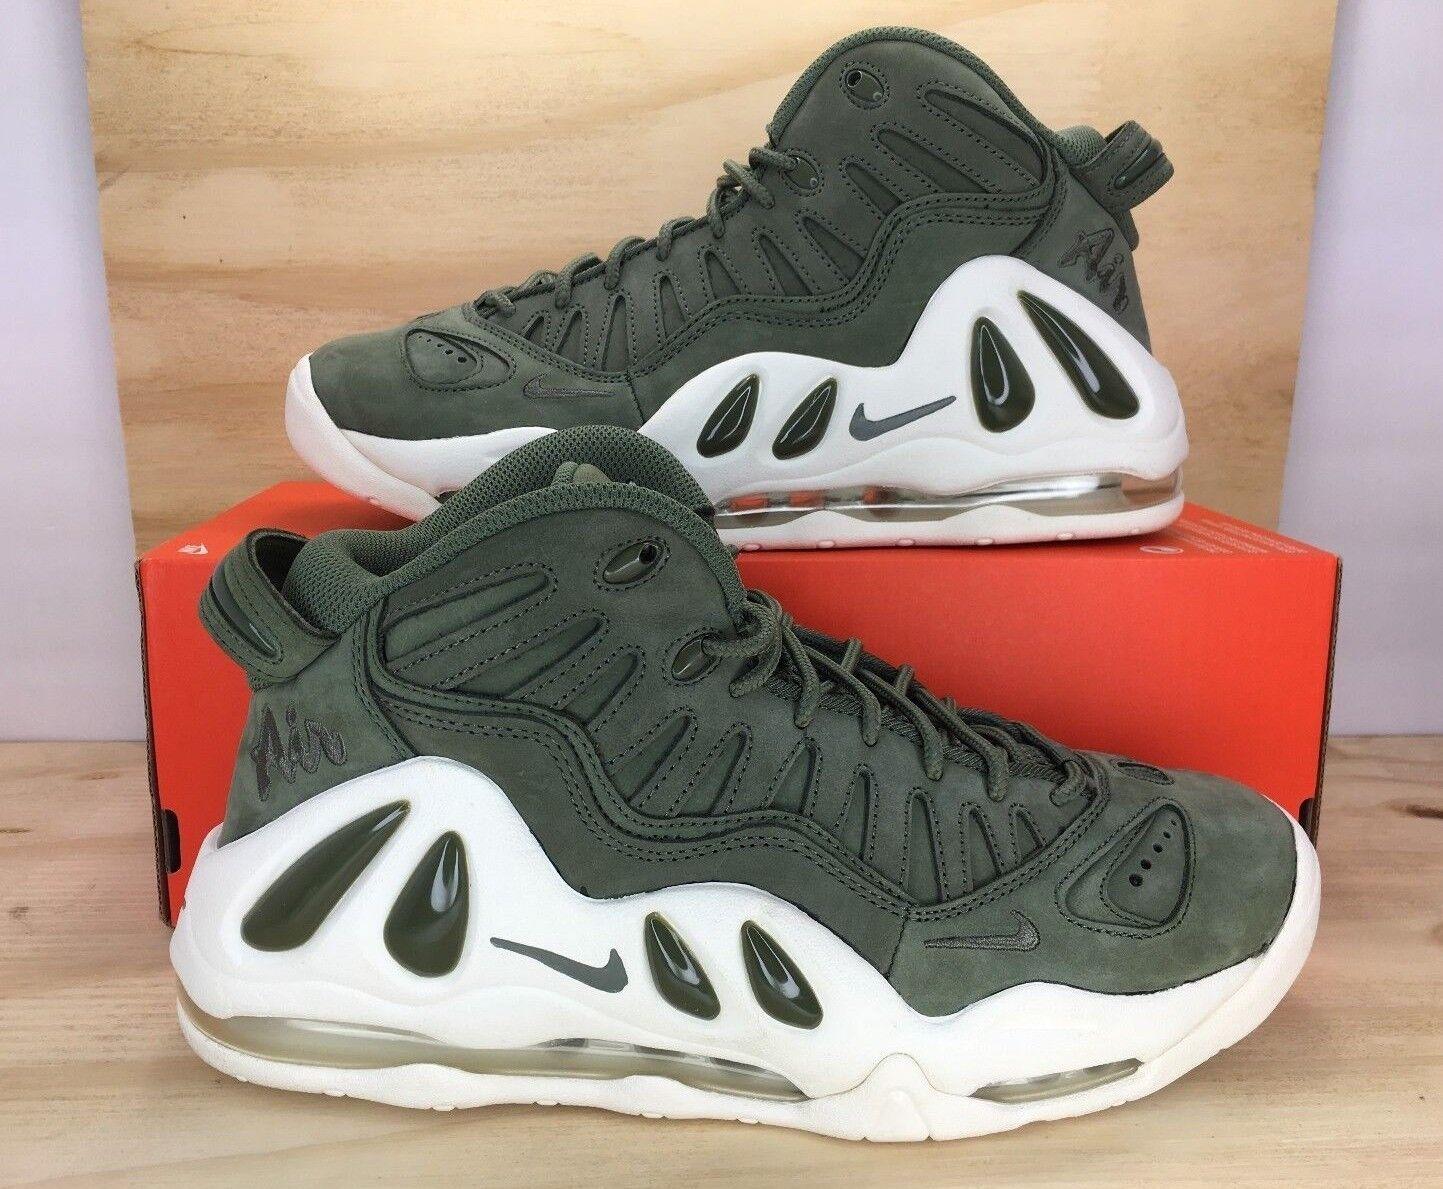 Nike Air Max90 Hyperfuse independence Day zapatos de deporte respirable de los zapatos corrie